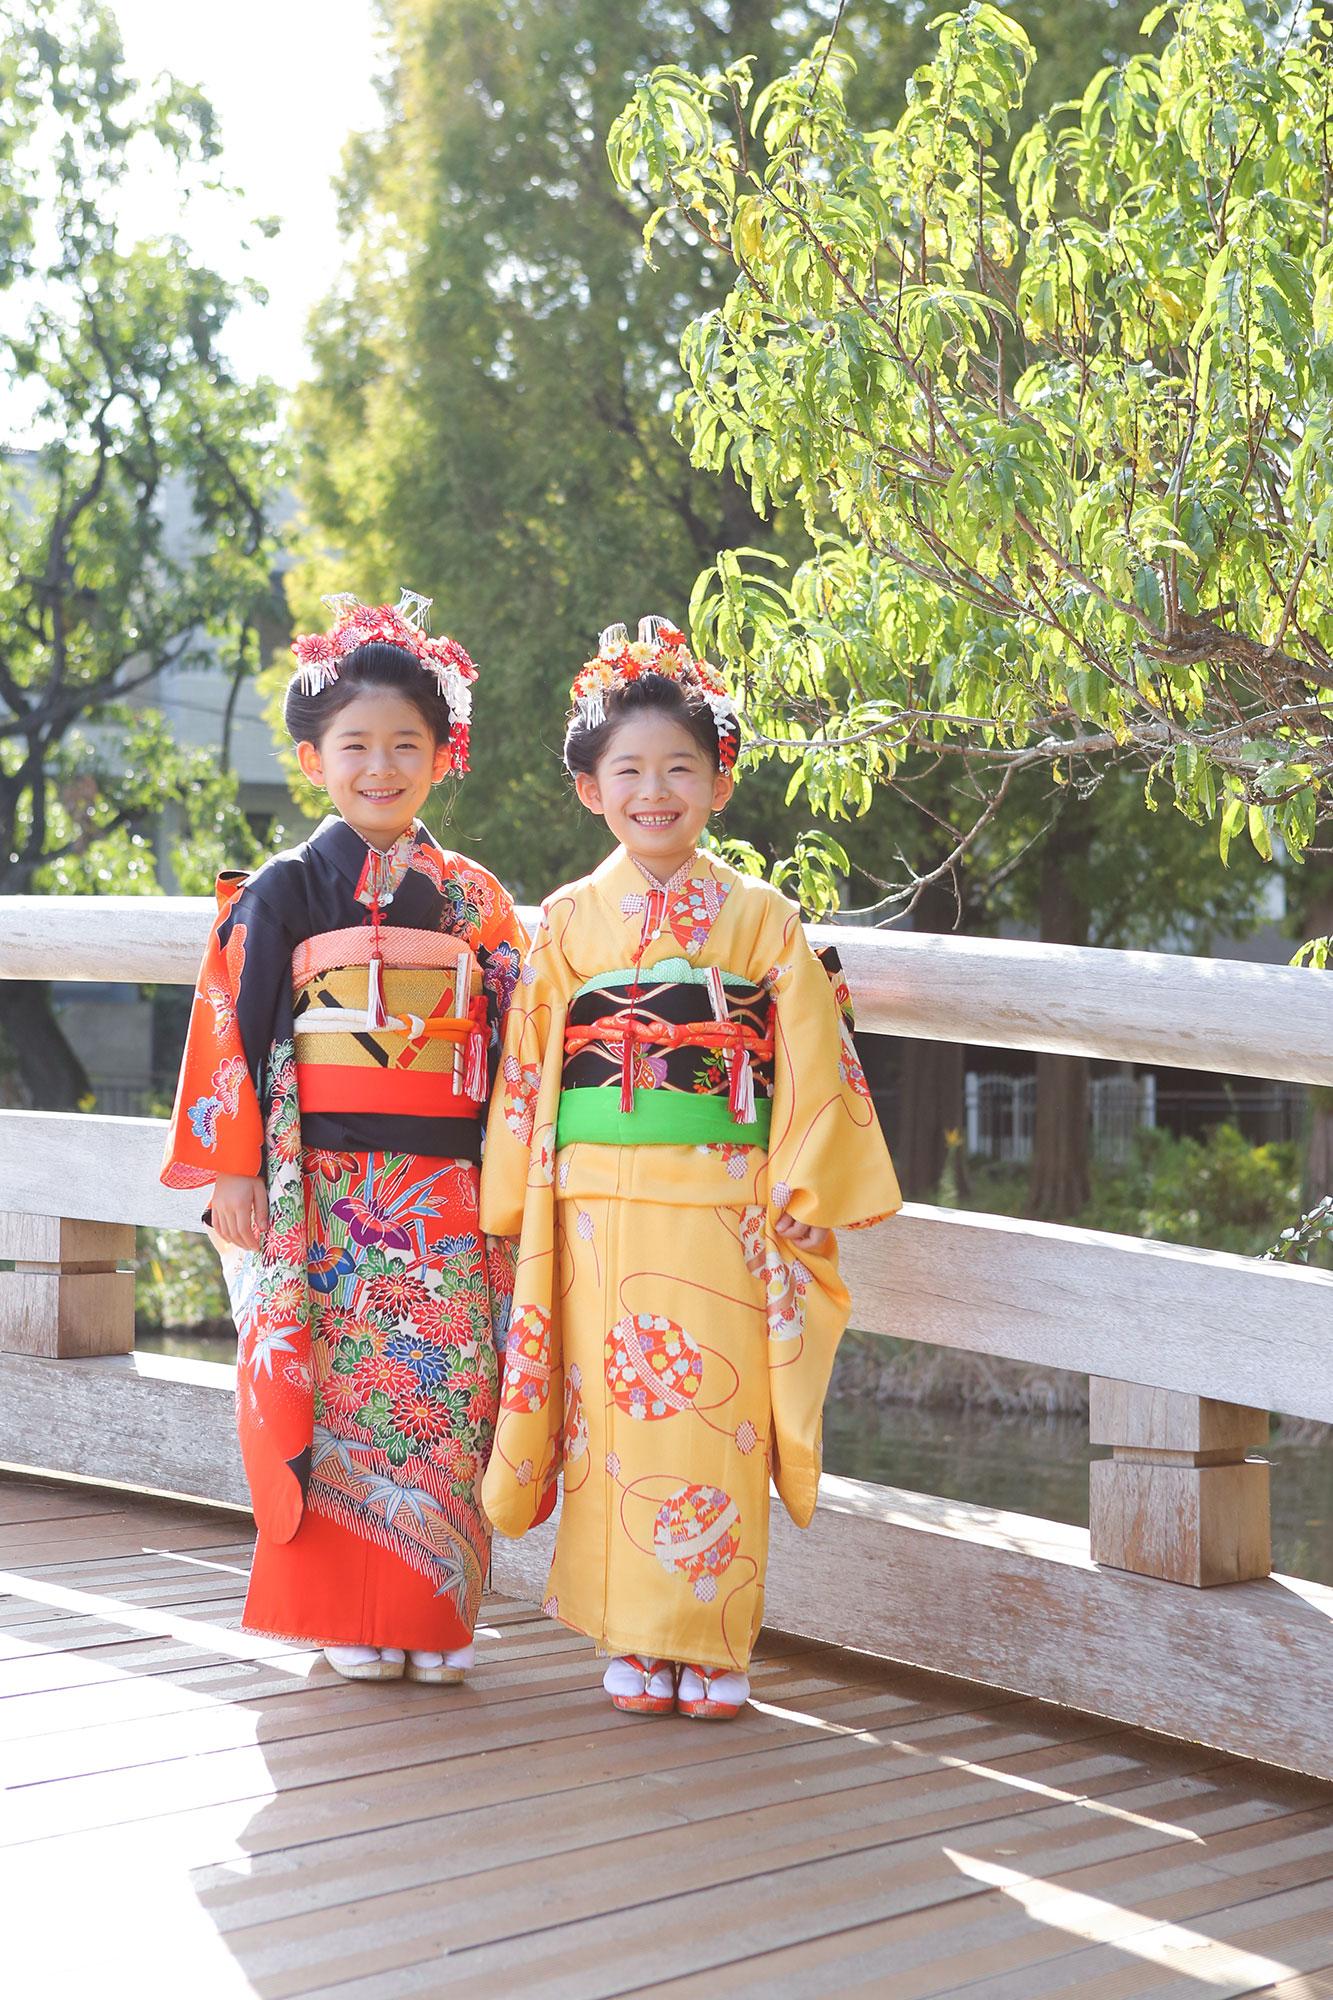 大田区の千束八幡神社へ七五三の出張撮影